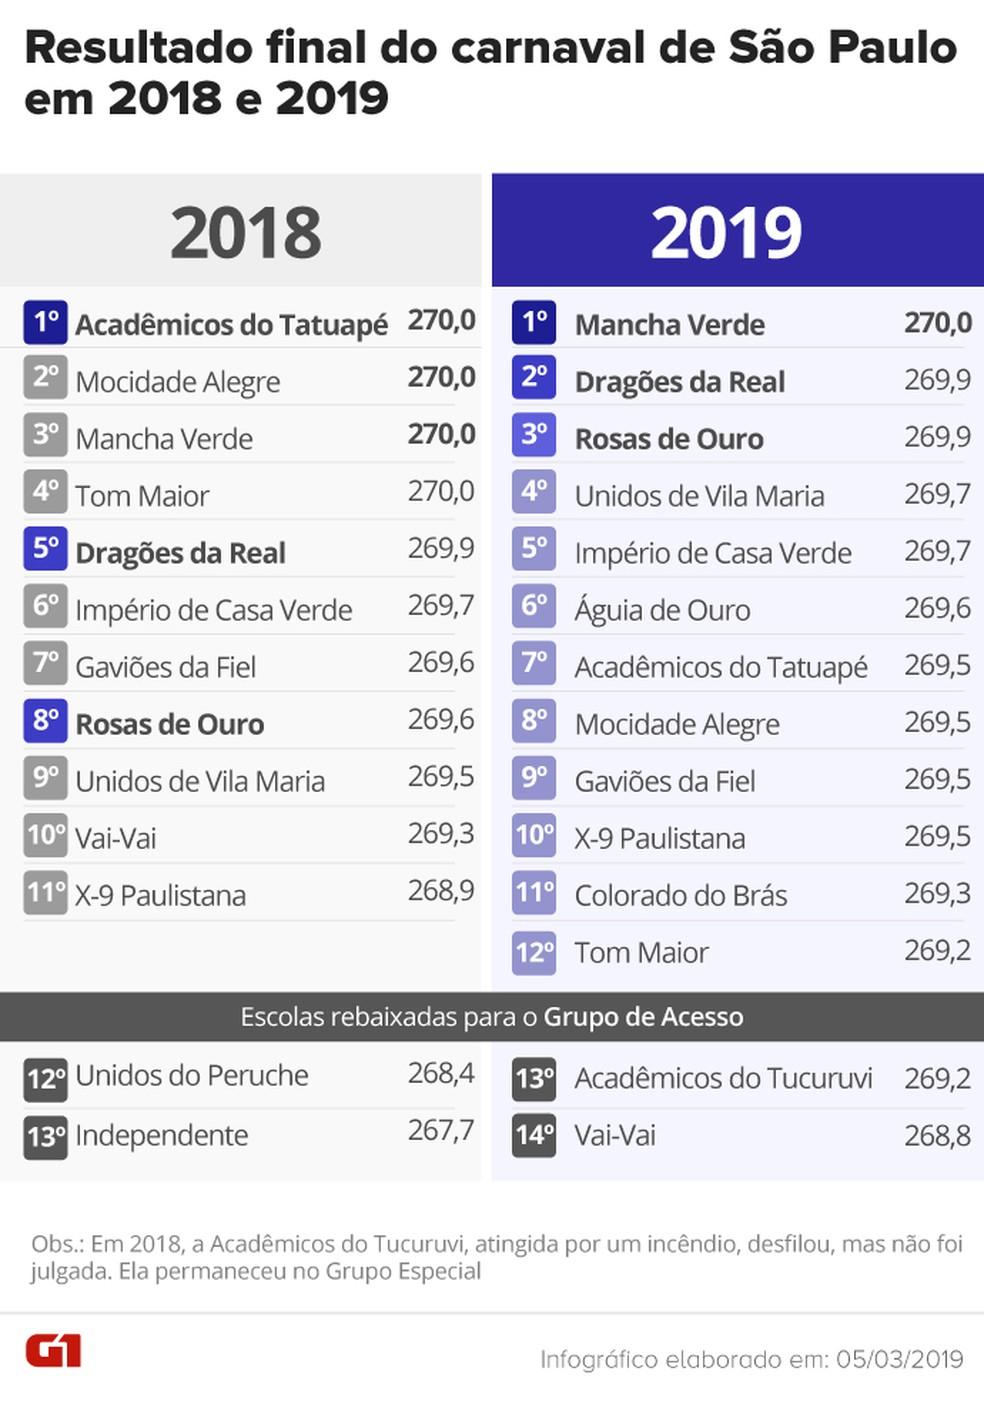 Comparativo do resultado final do carnaval 2019 com o de 2018 — Foto: Arte/G1